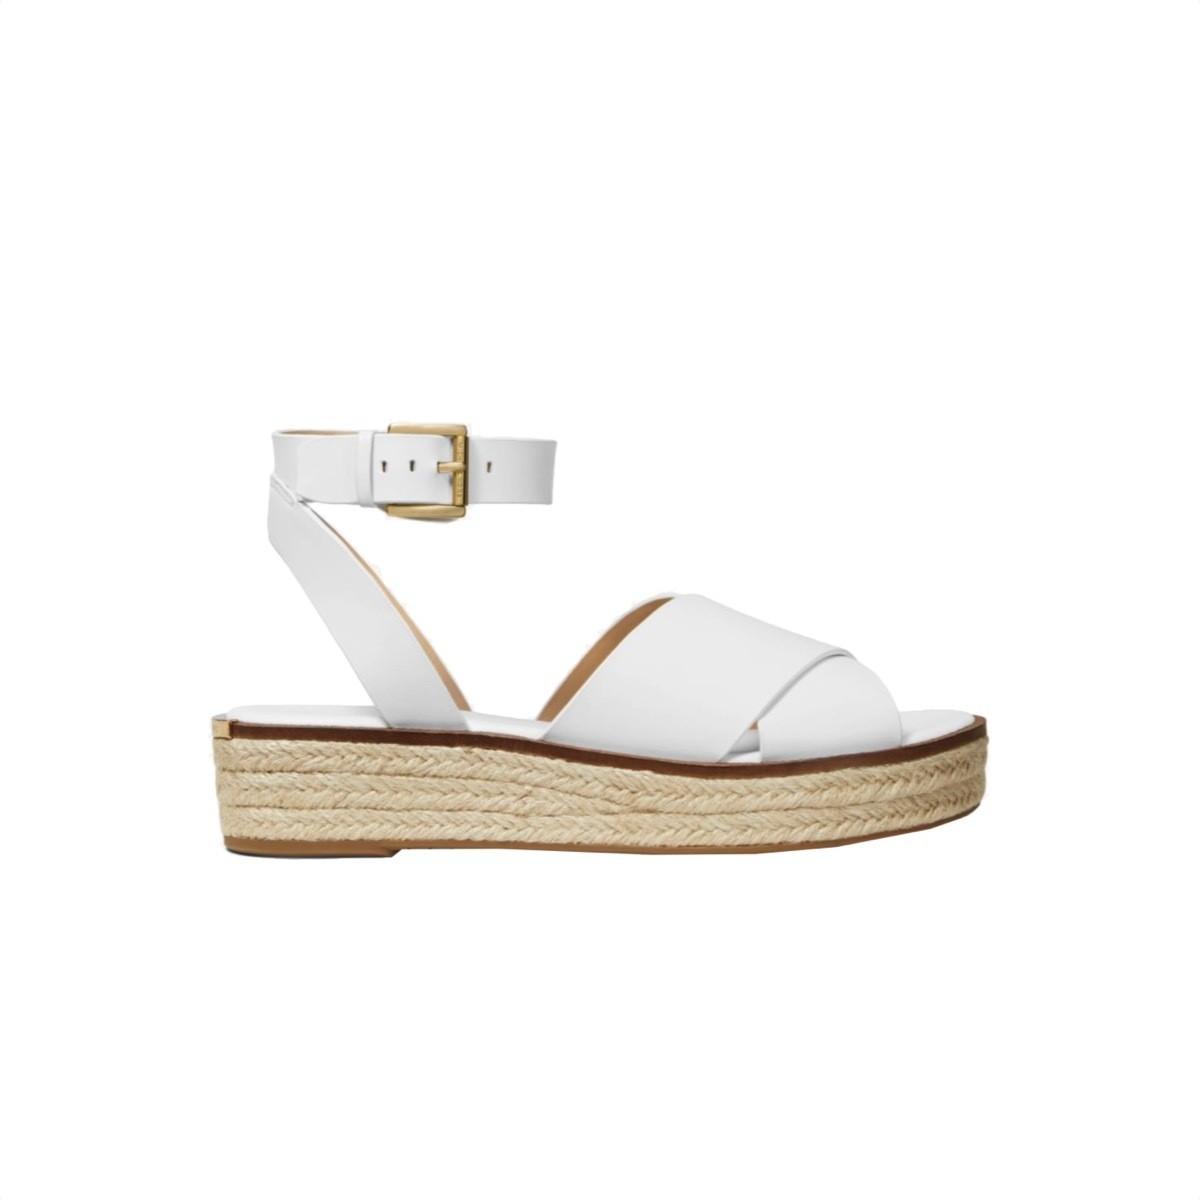 MICHAEL KORS - Abbott sandalo in pelle - Optic White